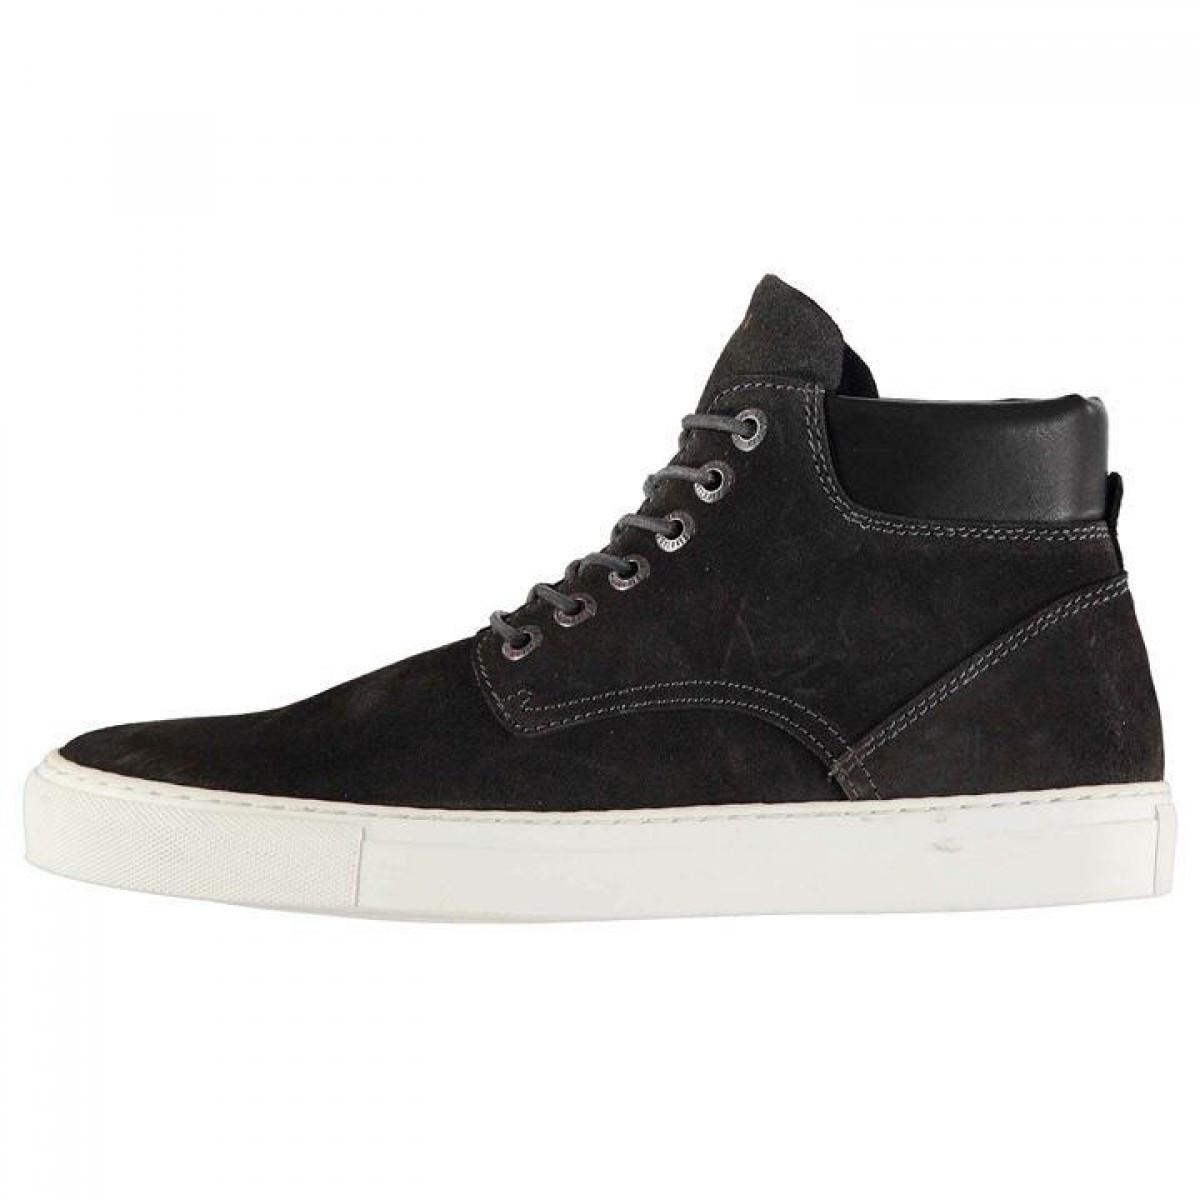 Кеды Firetrap Stady Grey - Оригинал - FAIR - оригинальная одежда и обувь в  Луцке 35920d85bdc55